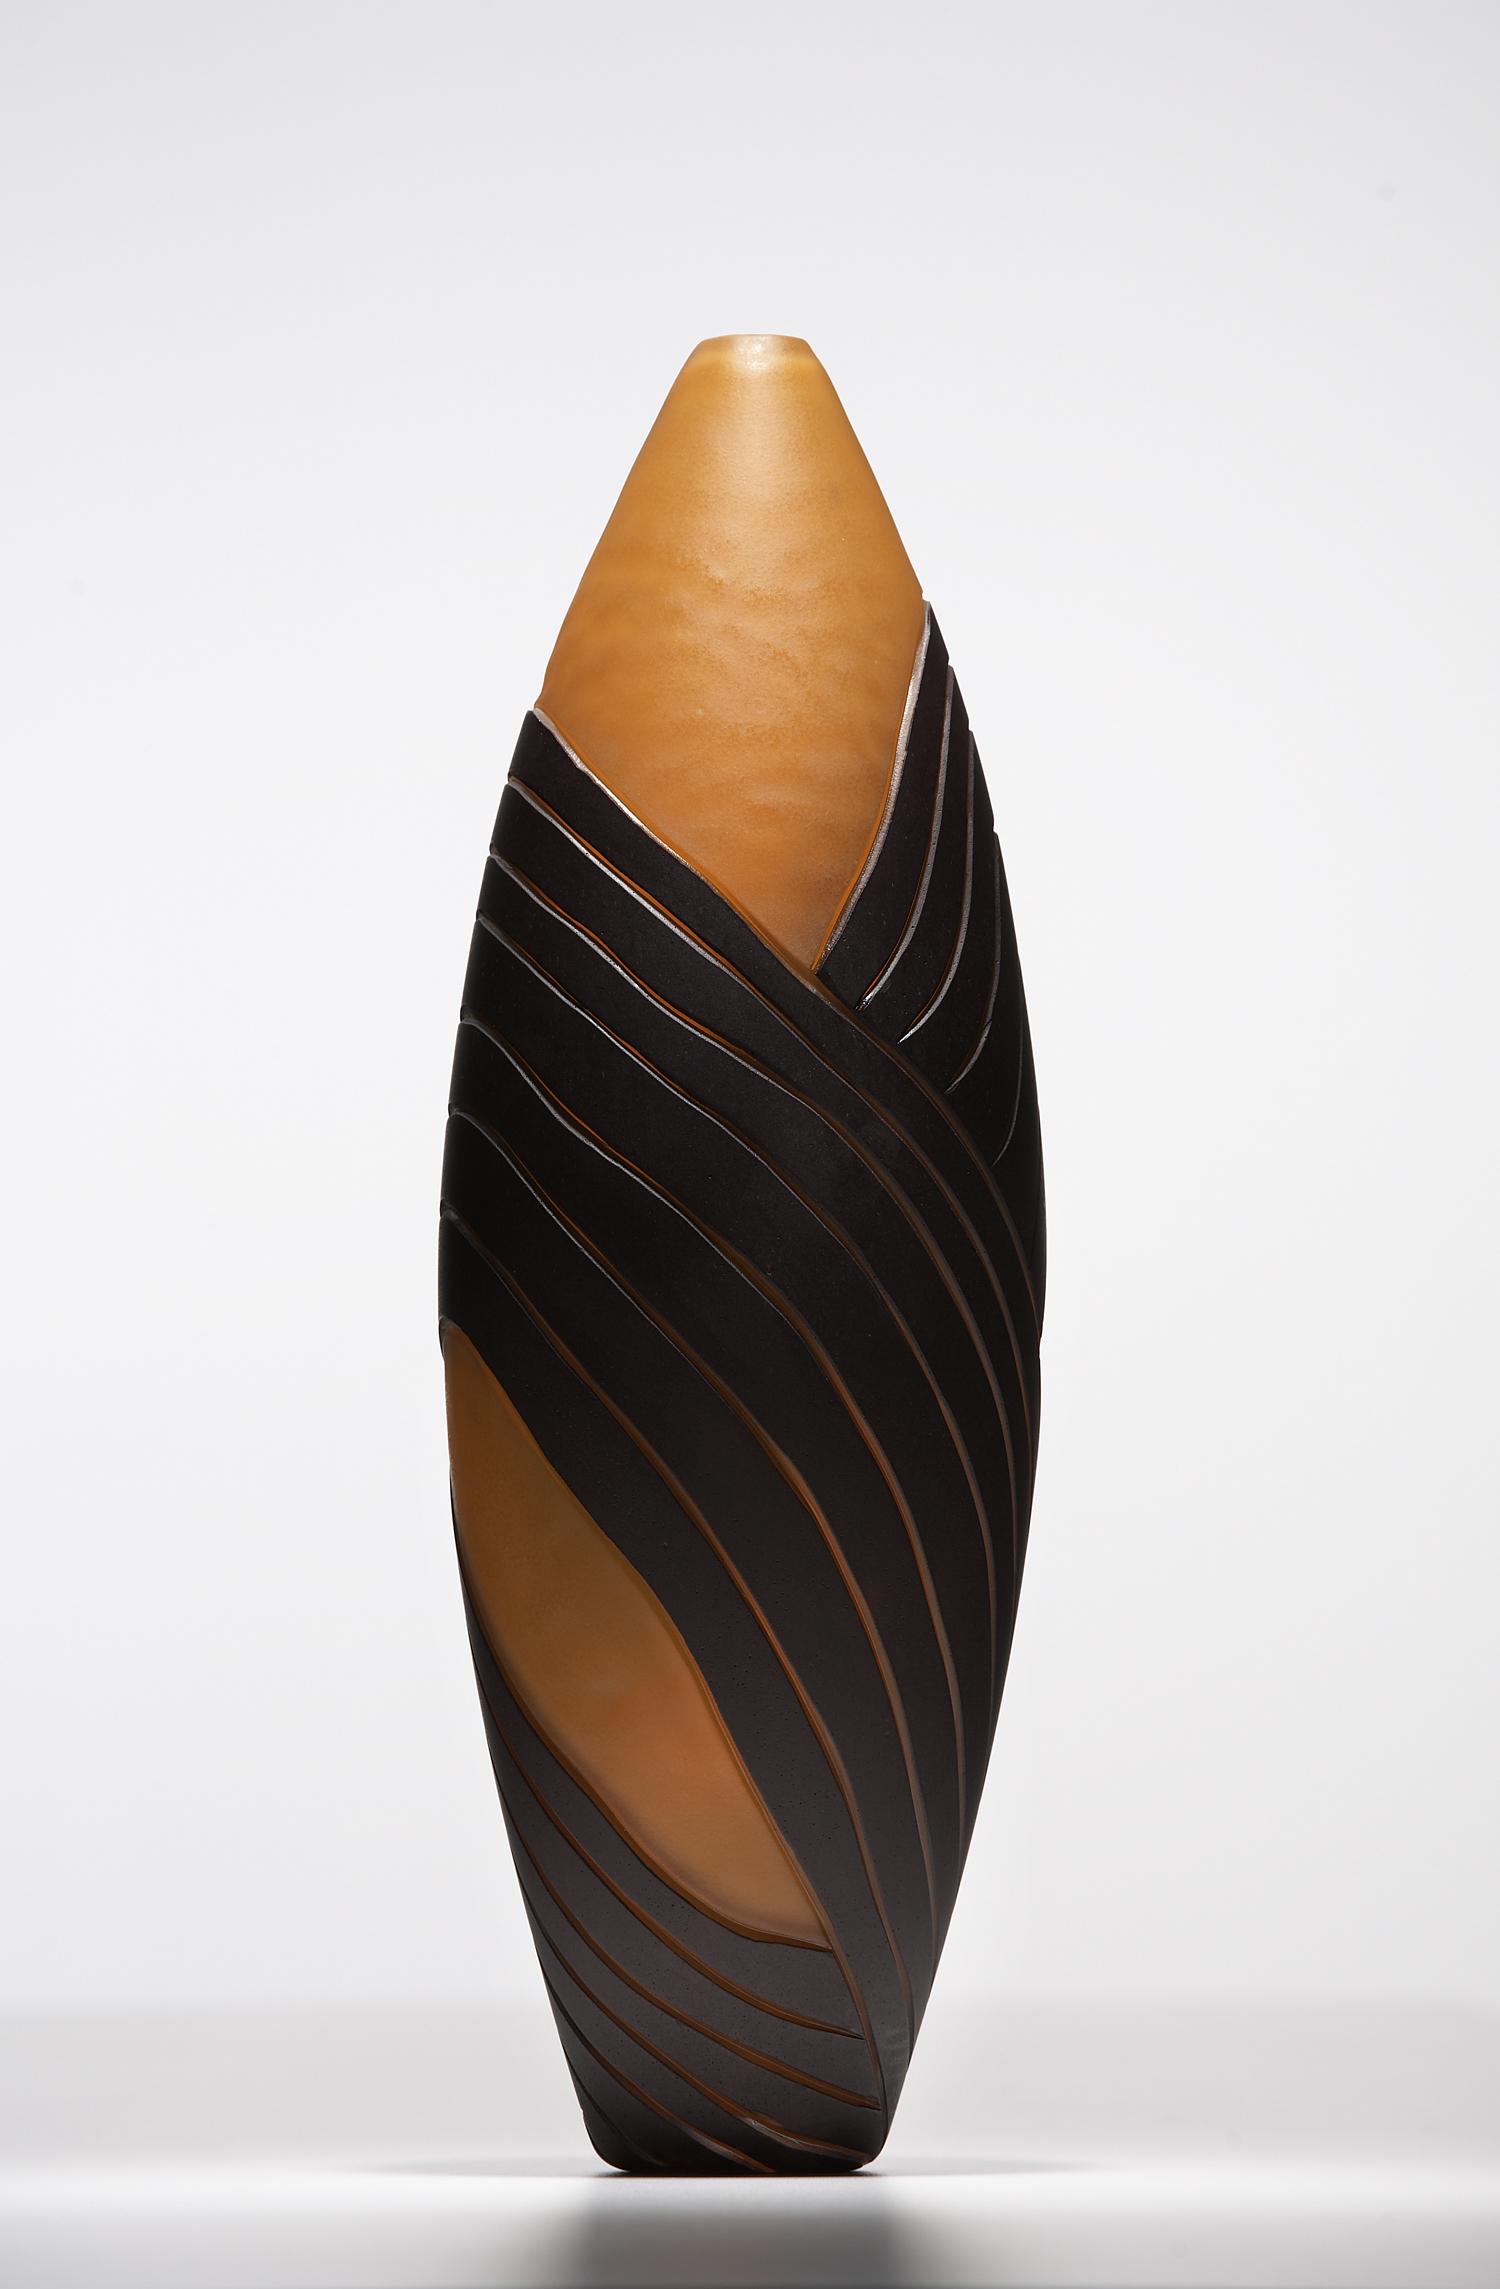 Mt Zero Vase